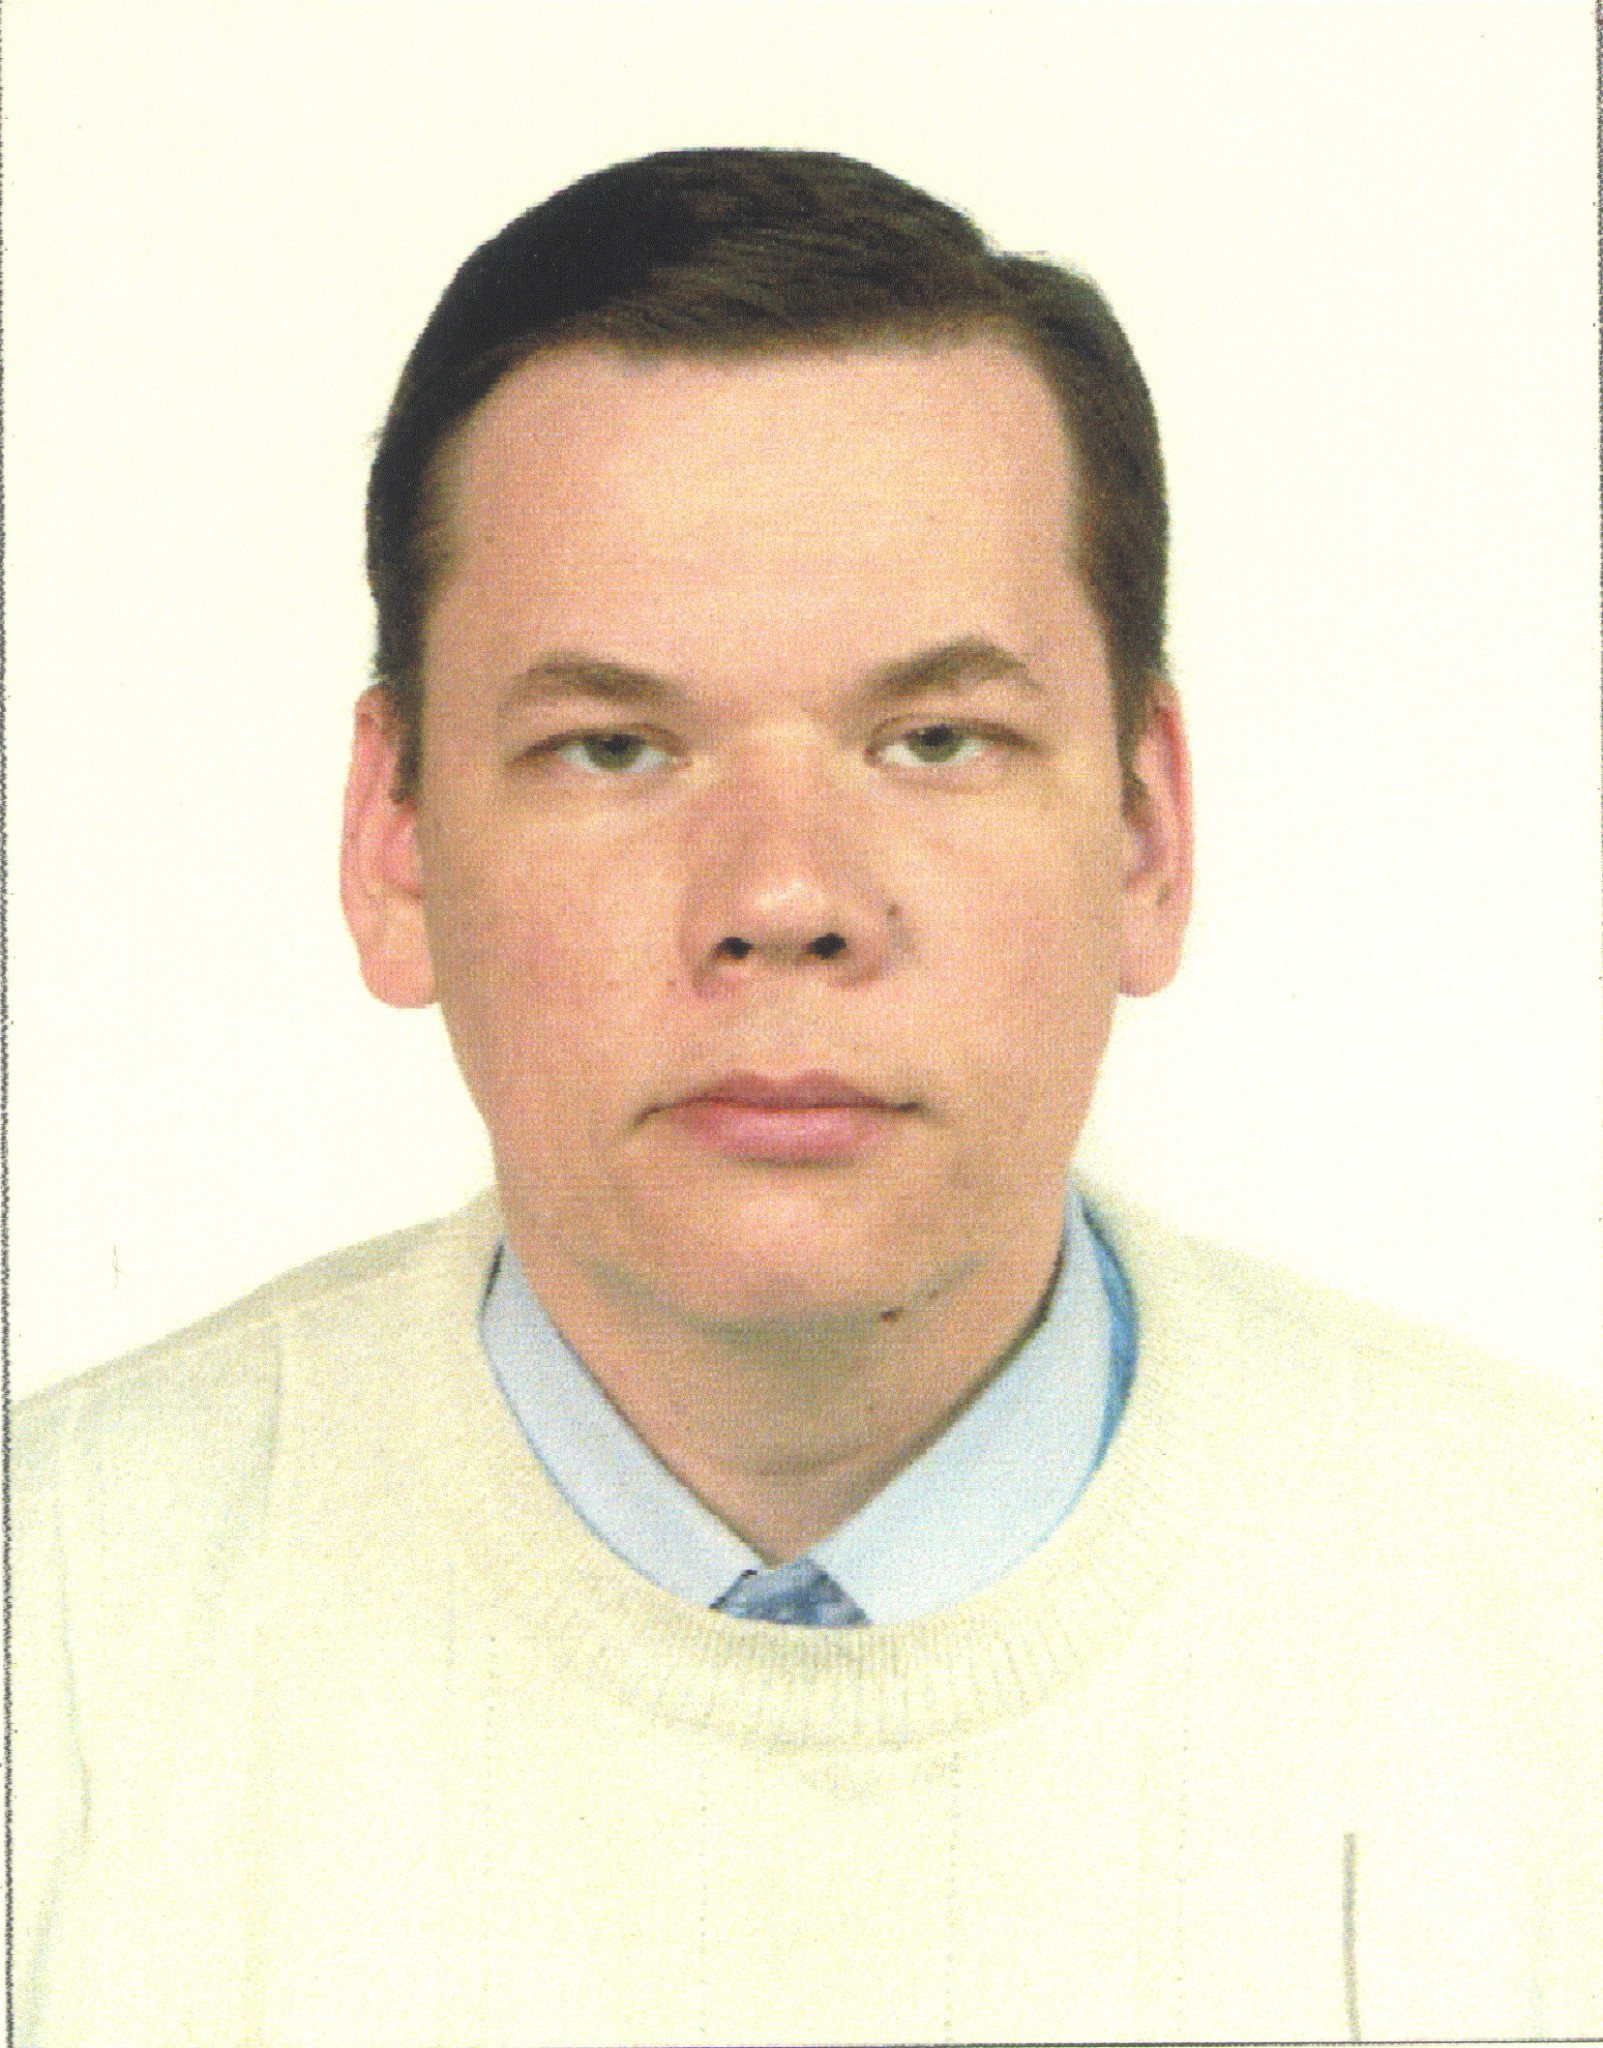 alexanderivanishchev